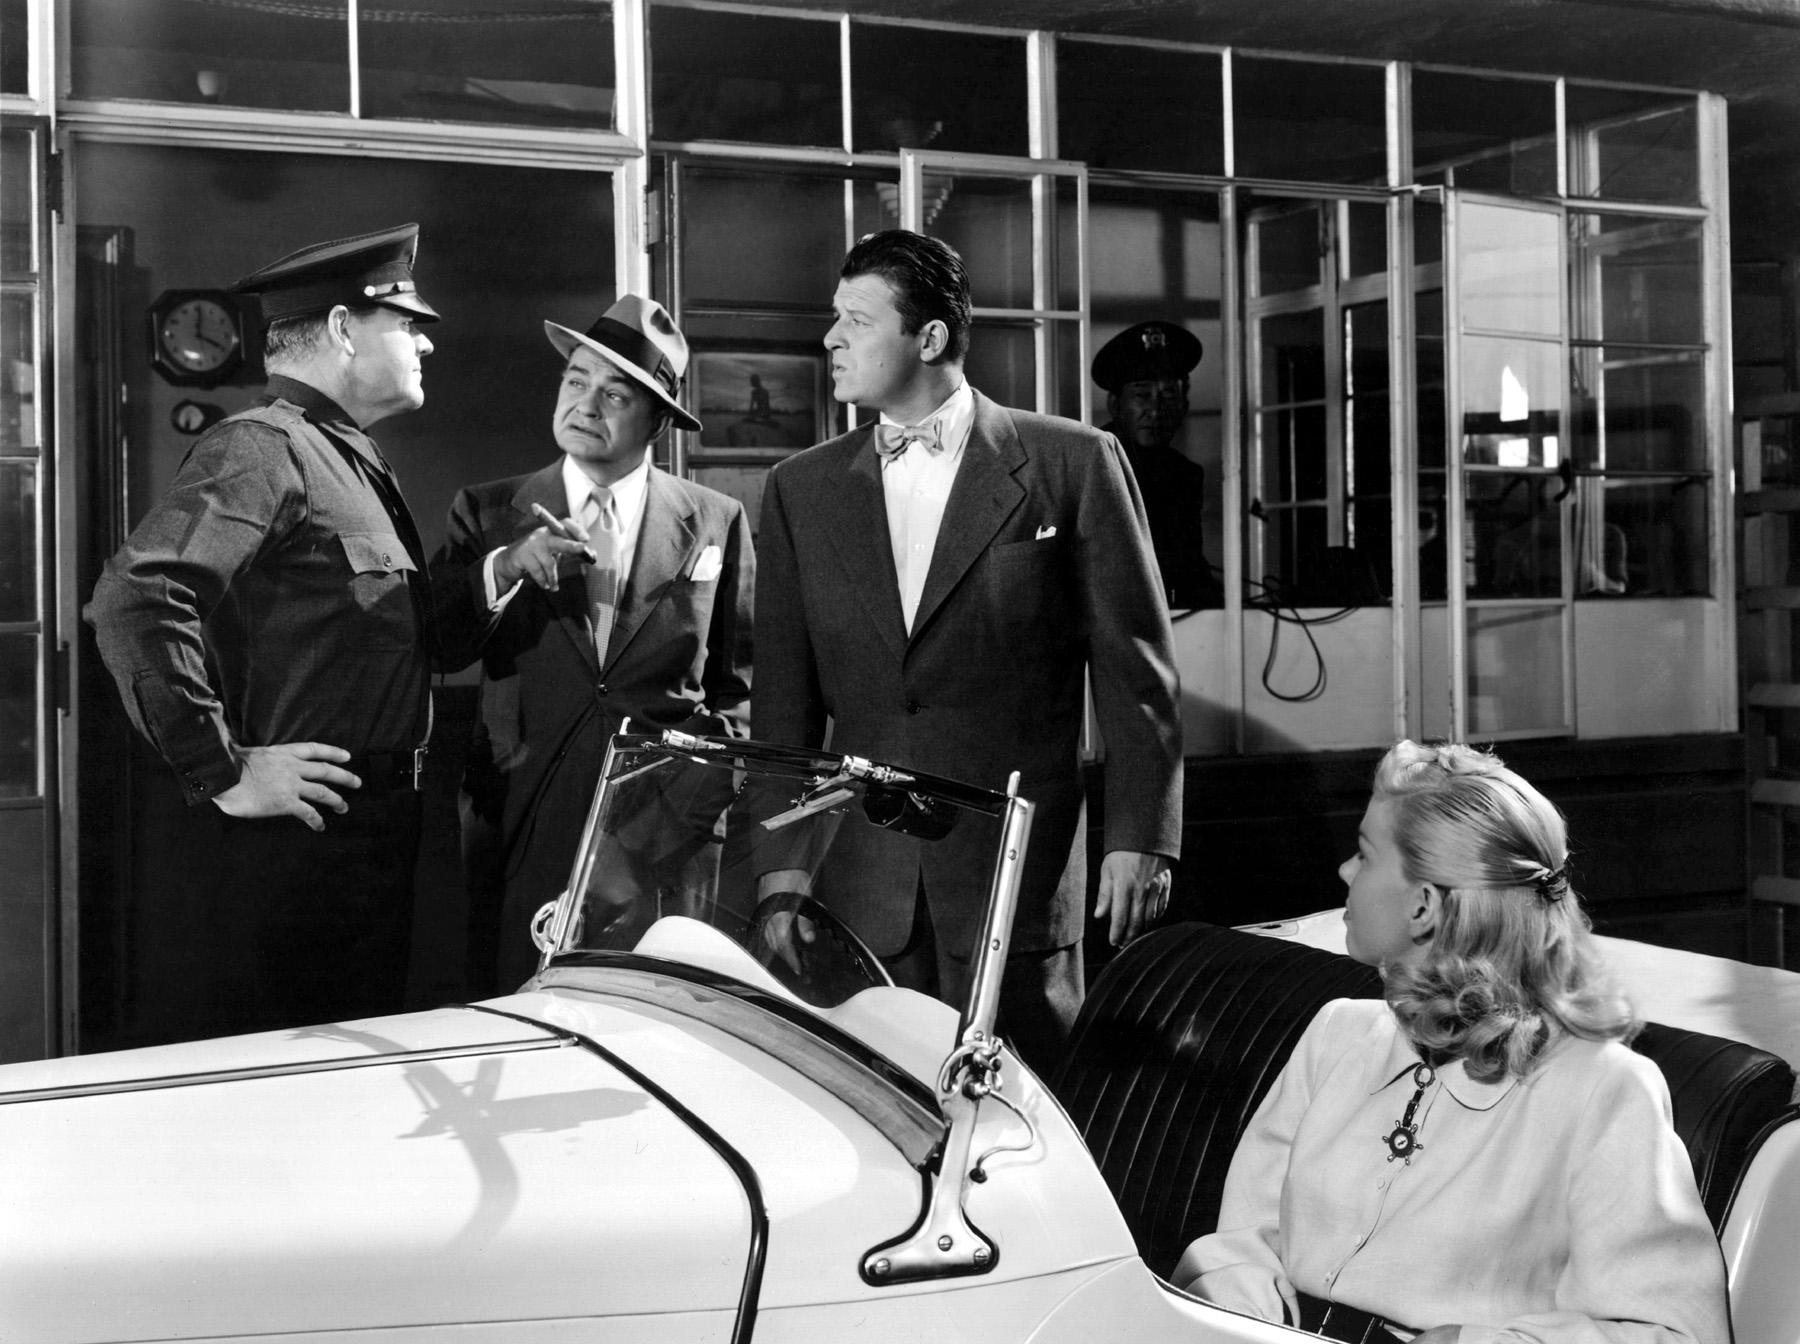 Edward G. Robinson, Jack Carson, Doris Day